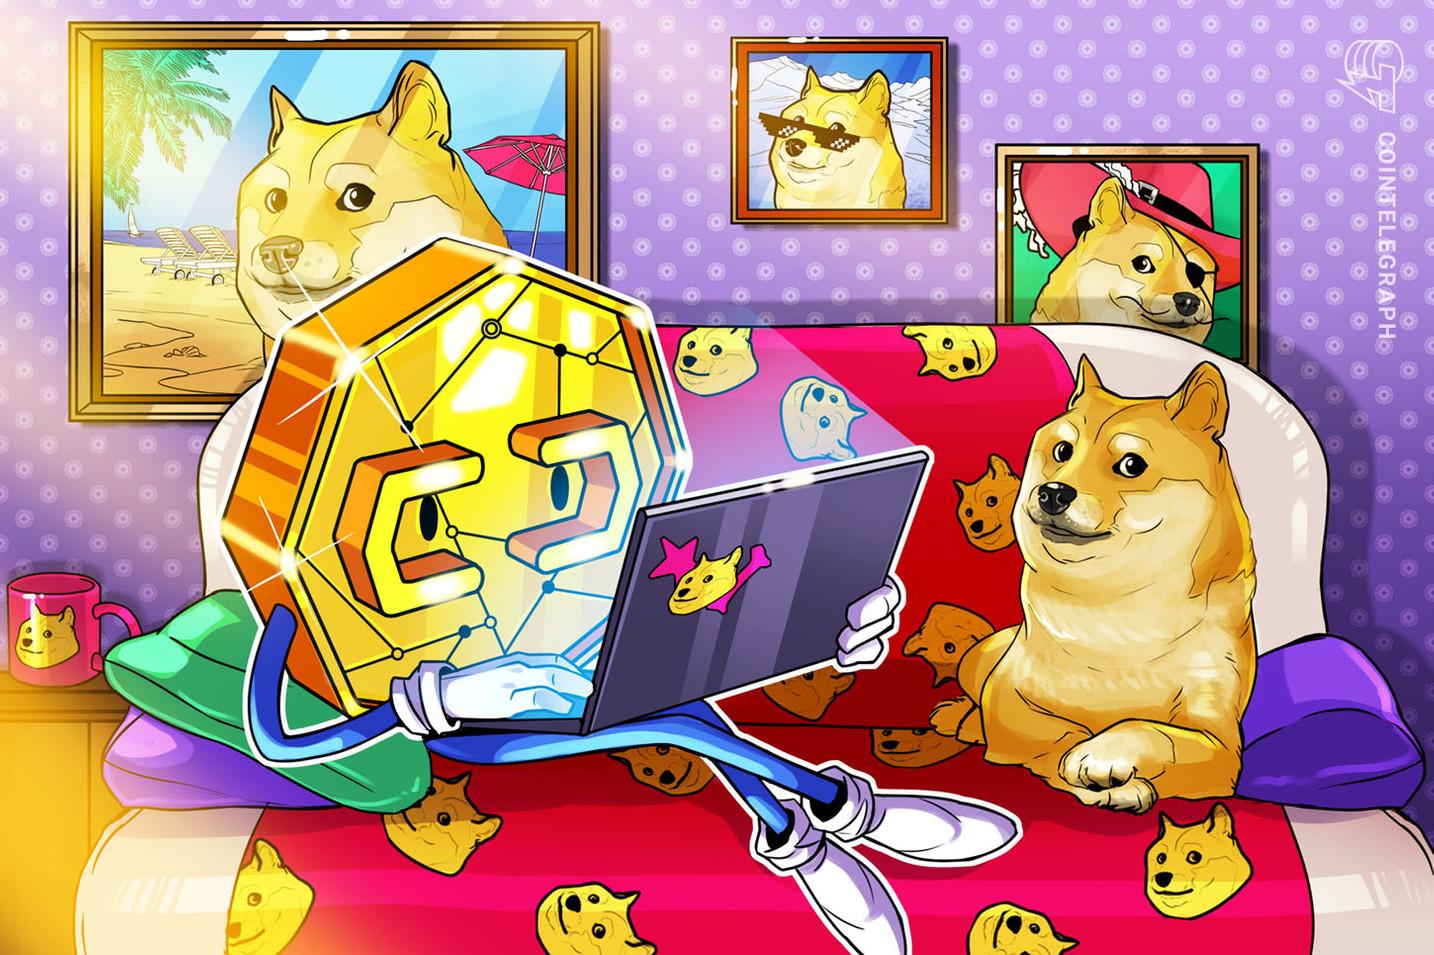 DOGE le pisa los talones a r/Bitcoin en Reddit